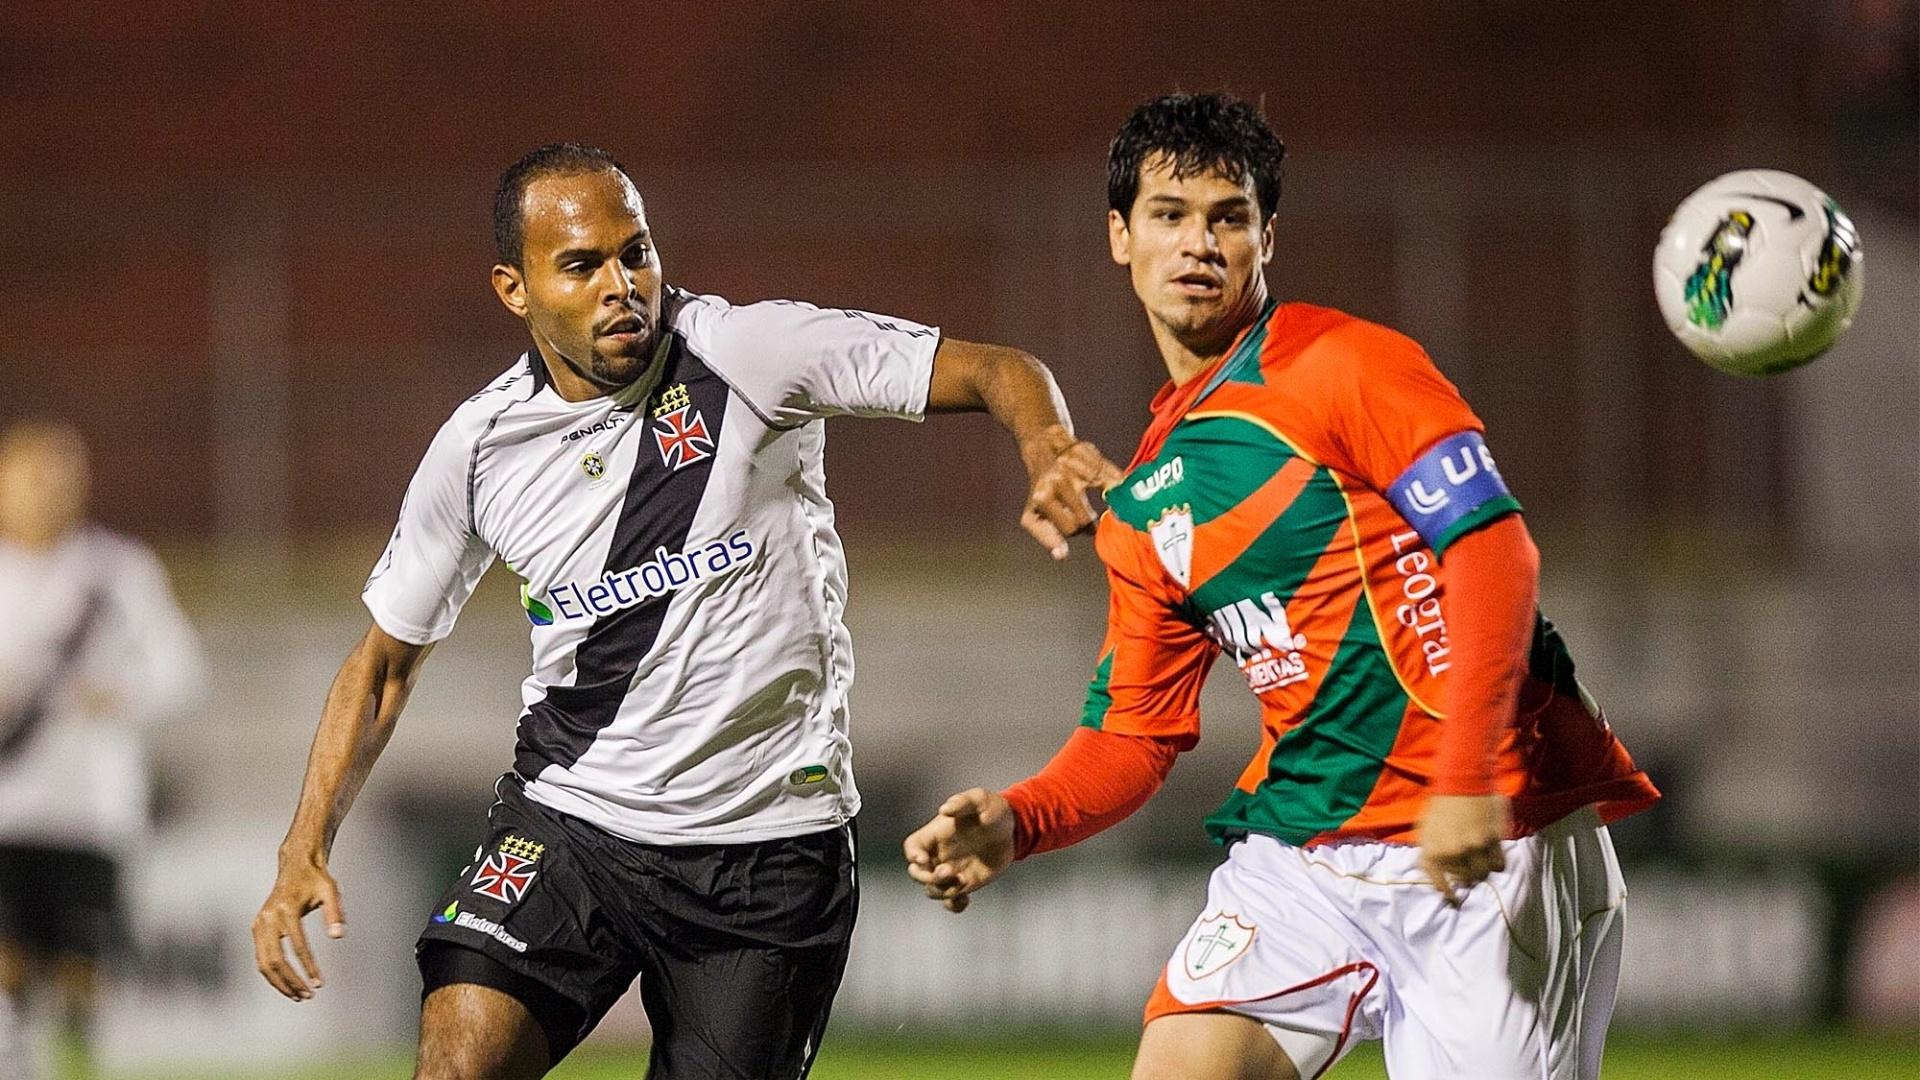 Artilheiro do Vasco, Alecsandro disputa lance com o capitão da Lusa, Rogério